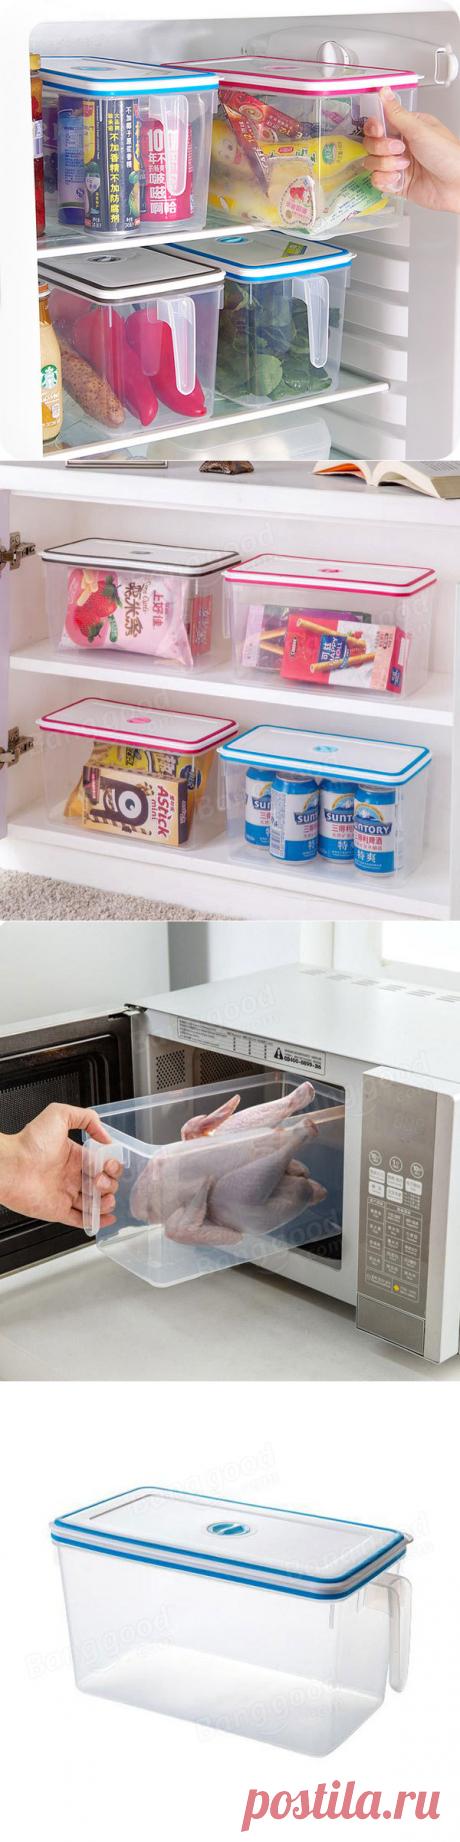 Кухонный холодильник Контейнер для пищевых продуктов Коробка Хранение холодильника с холодильником хранения Коробка с ручкой и таблицей  на Banggood sold out